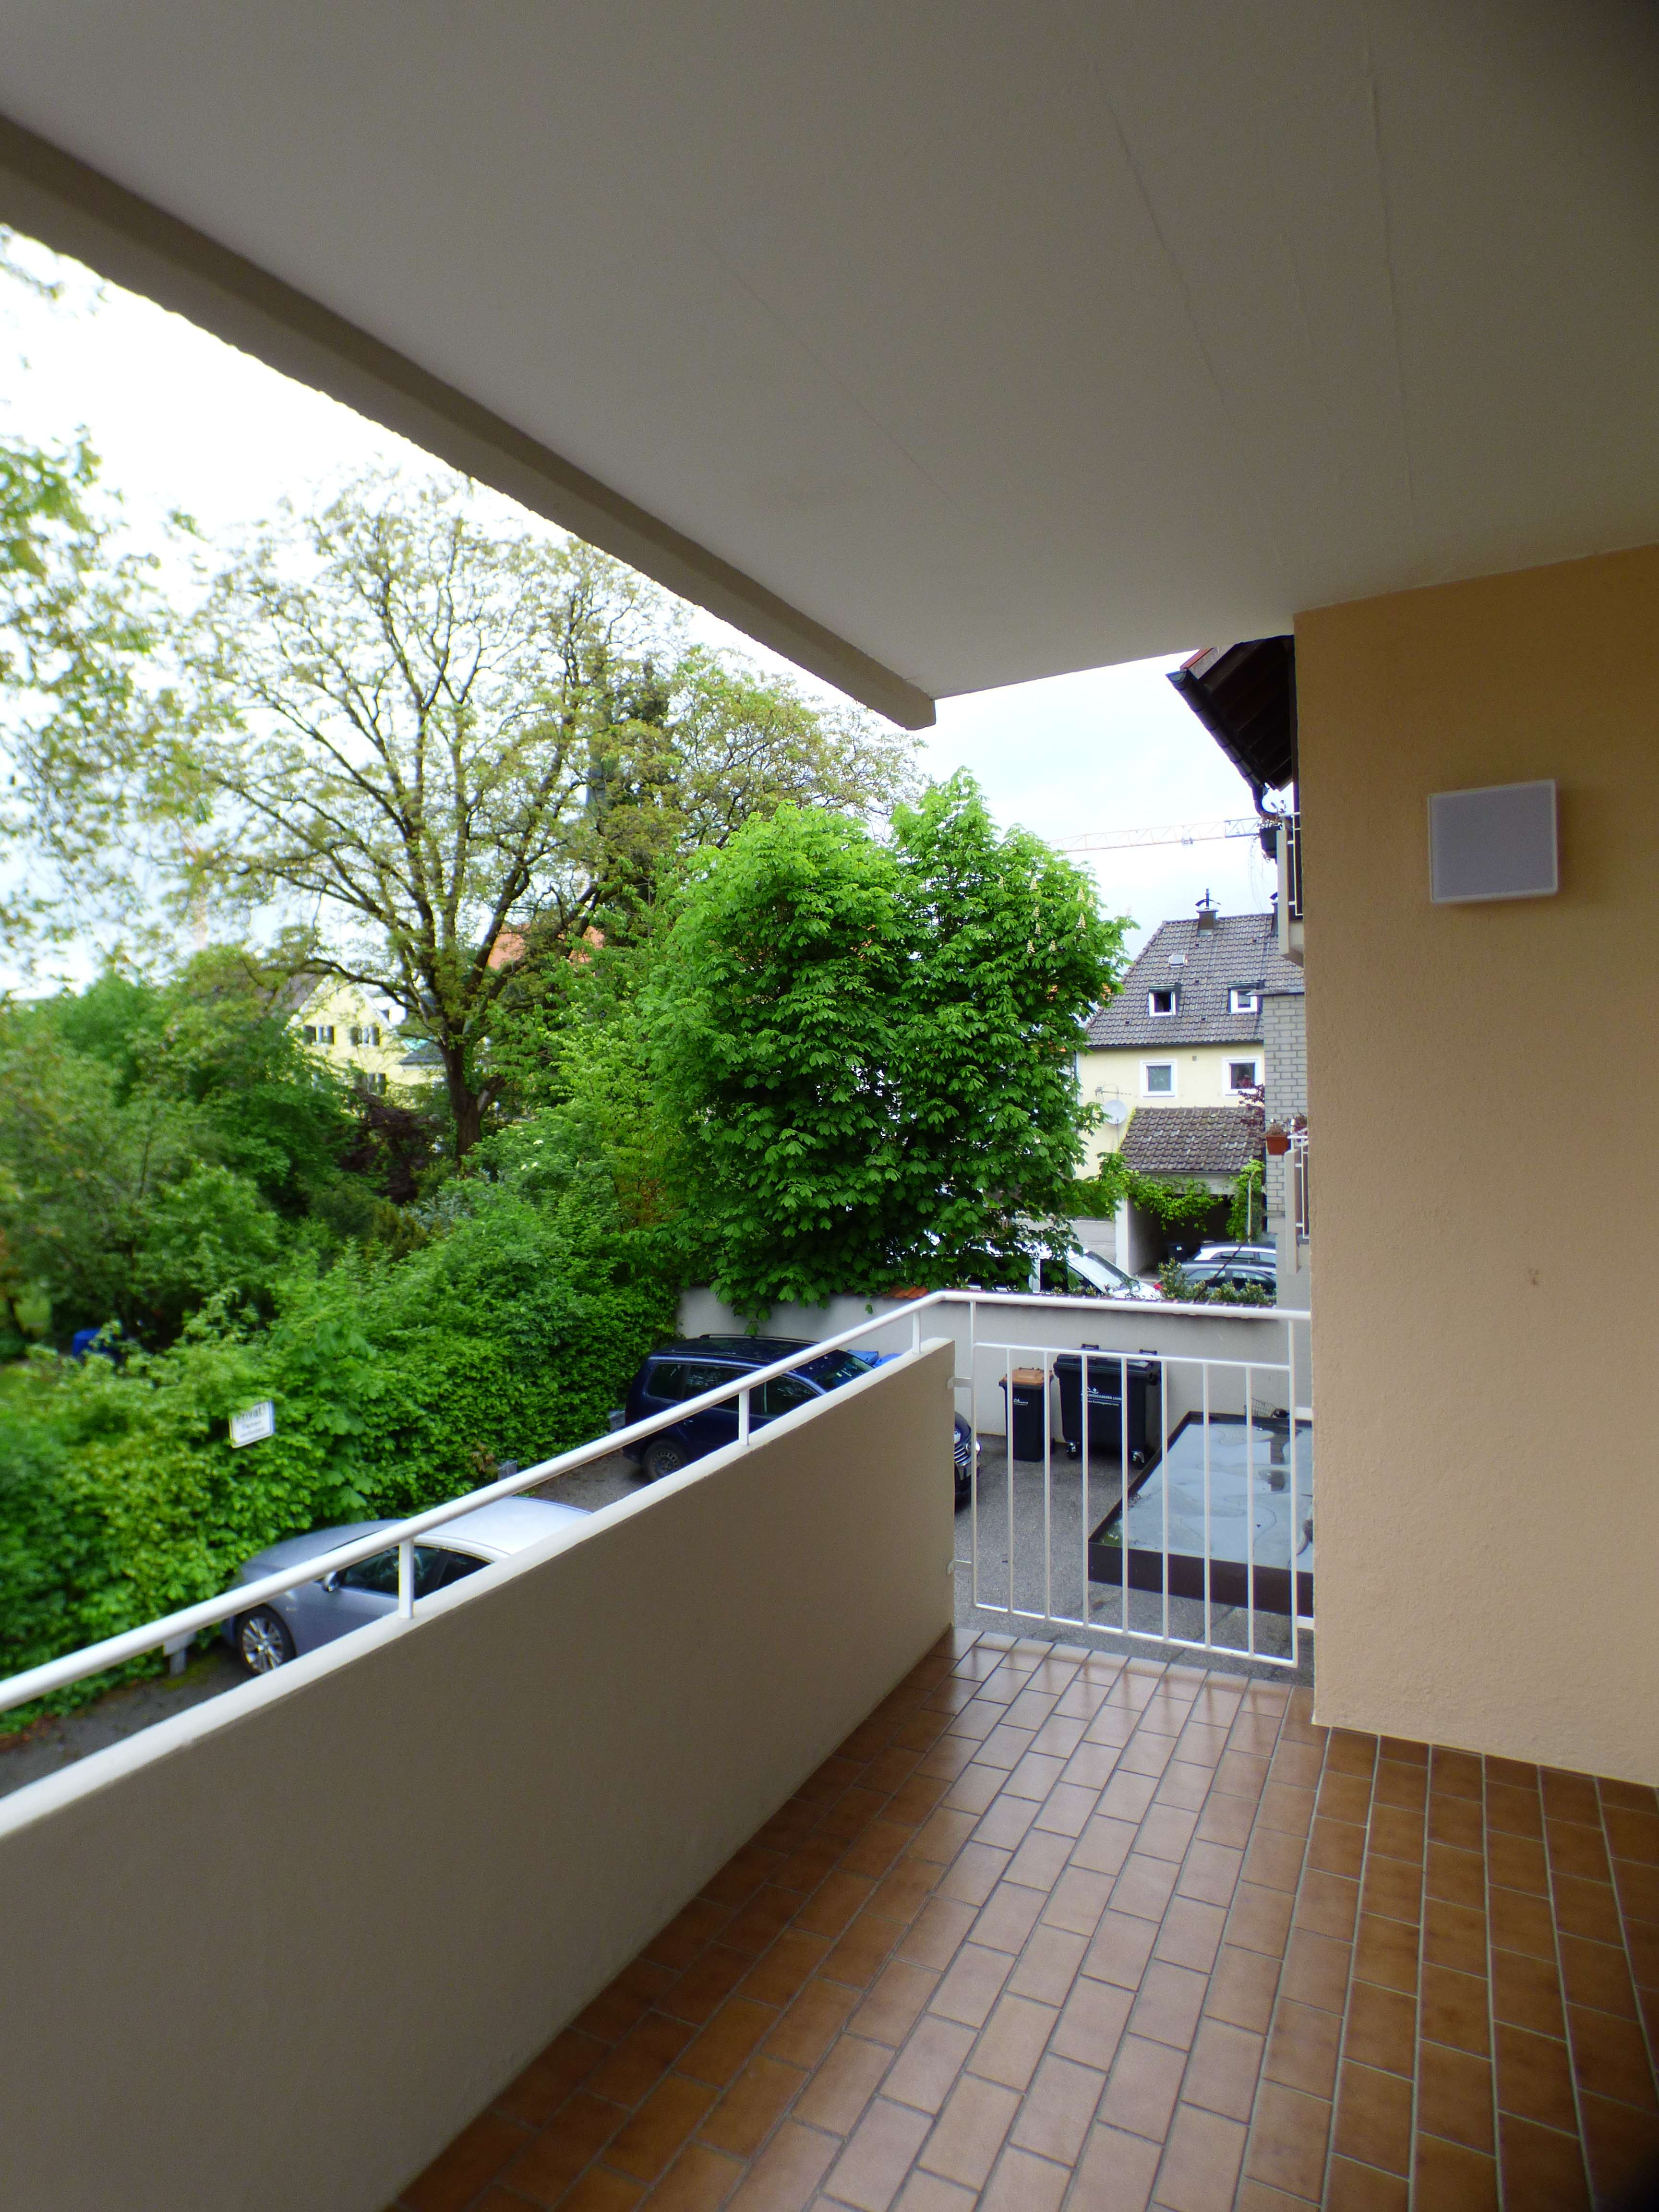 Alles Neu macht der Mai, auch diese besonders attraktive Wohnung in ruhiger Stadtmitte